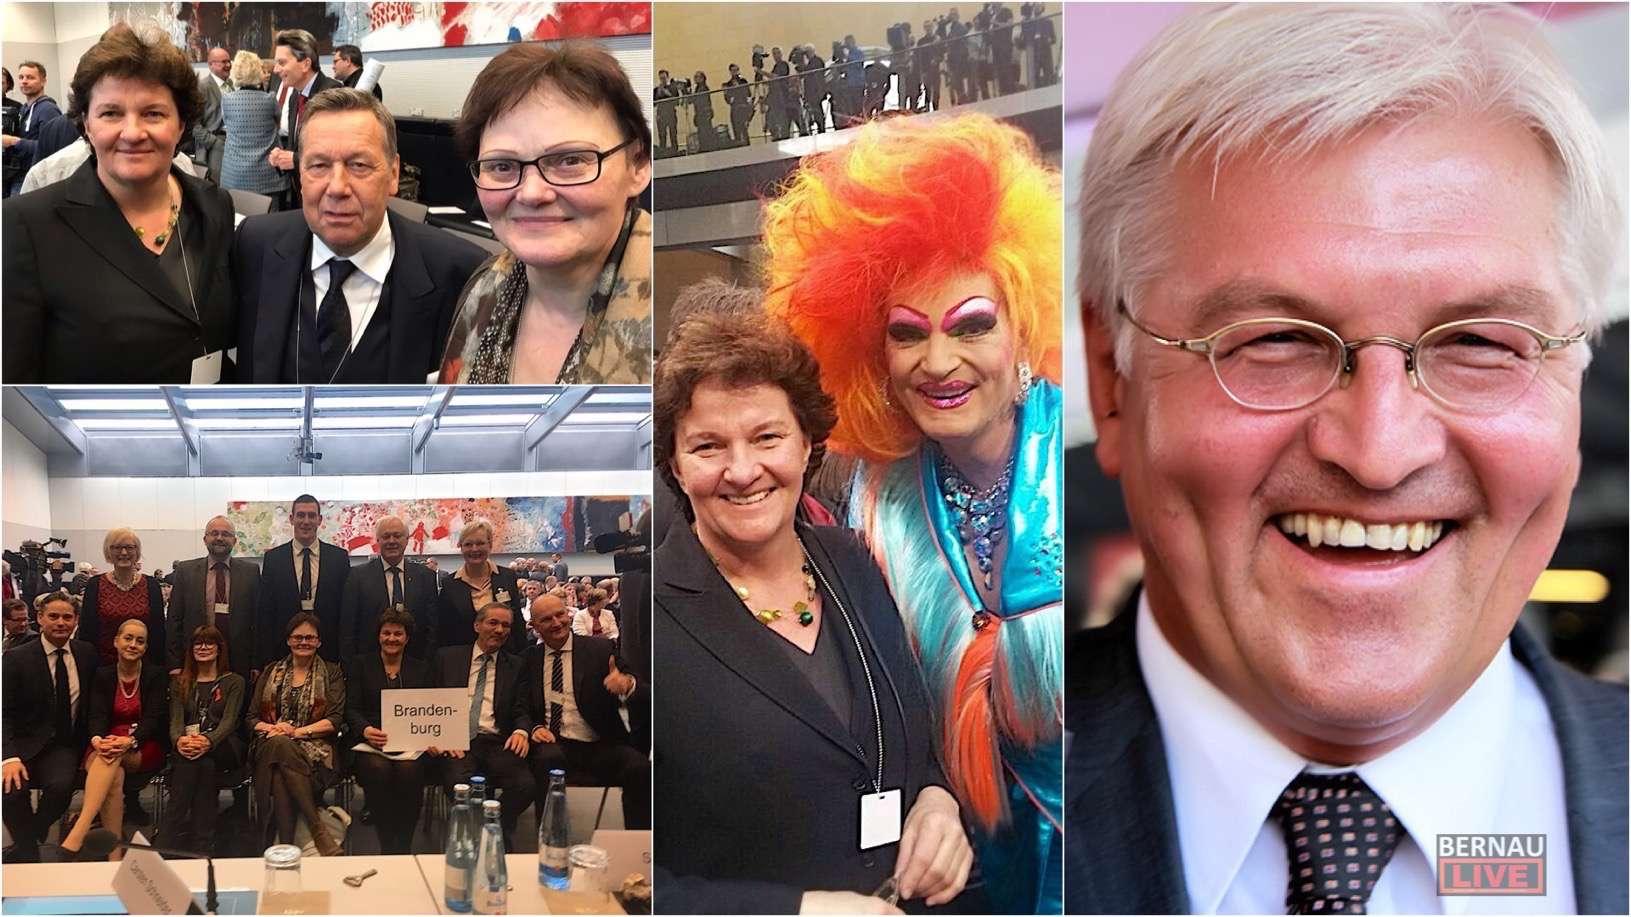 Frank Walter Steinmeier Zum 12 Bundespräsidenten Gewählt • Bernau LIVE